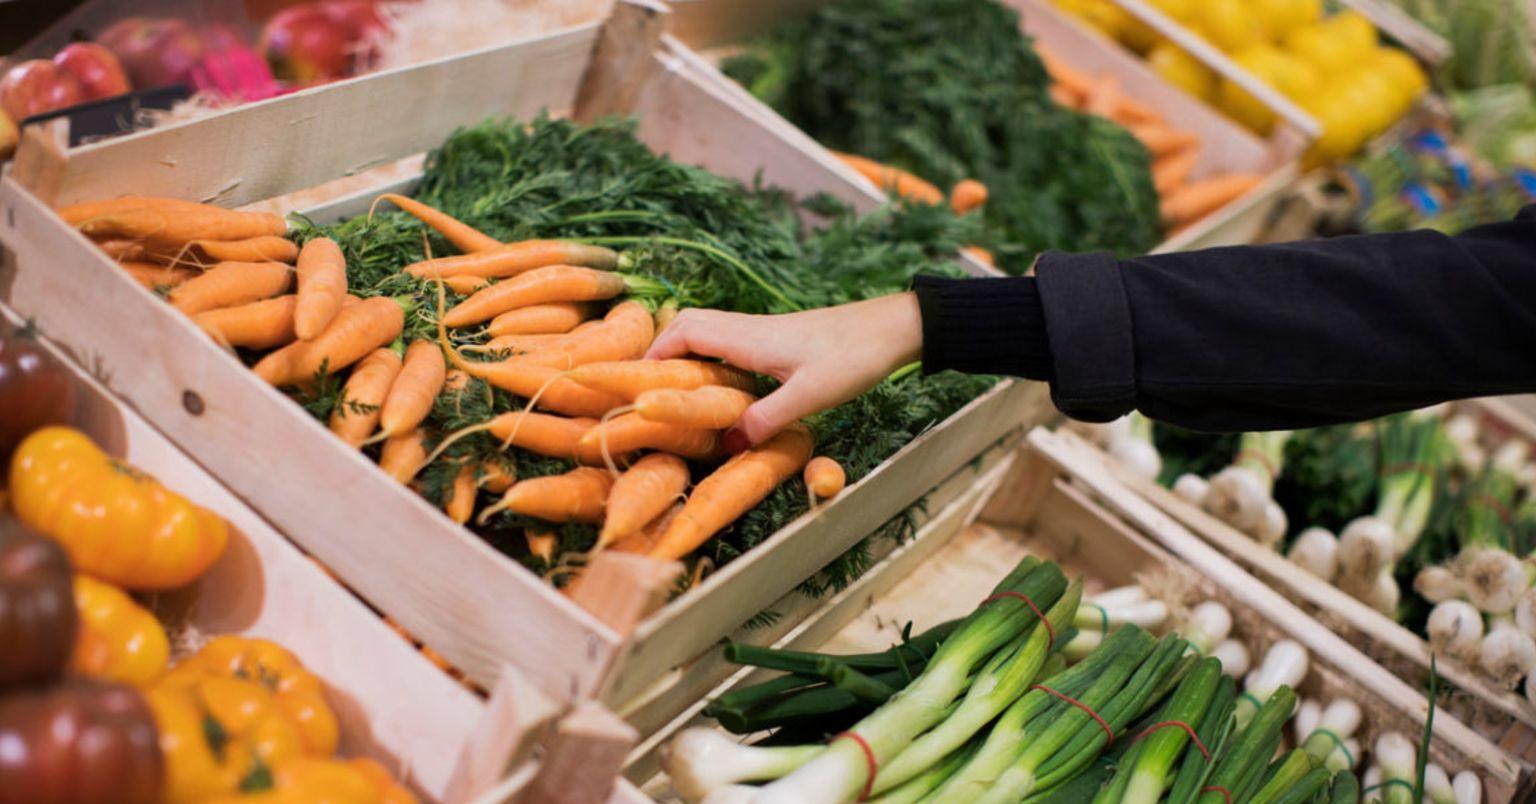 En hand sträcker sig efter morötter i grönsaksdisken